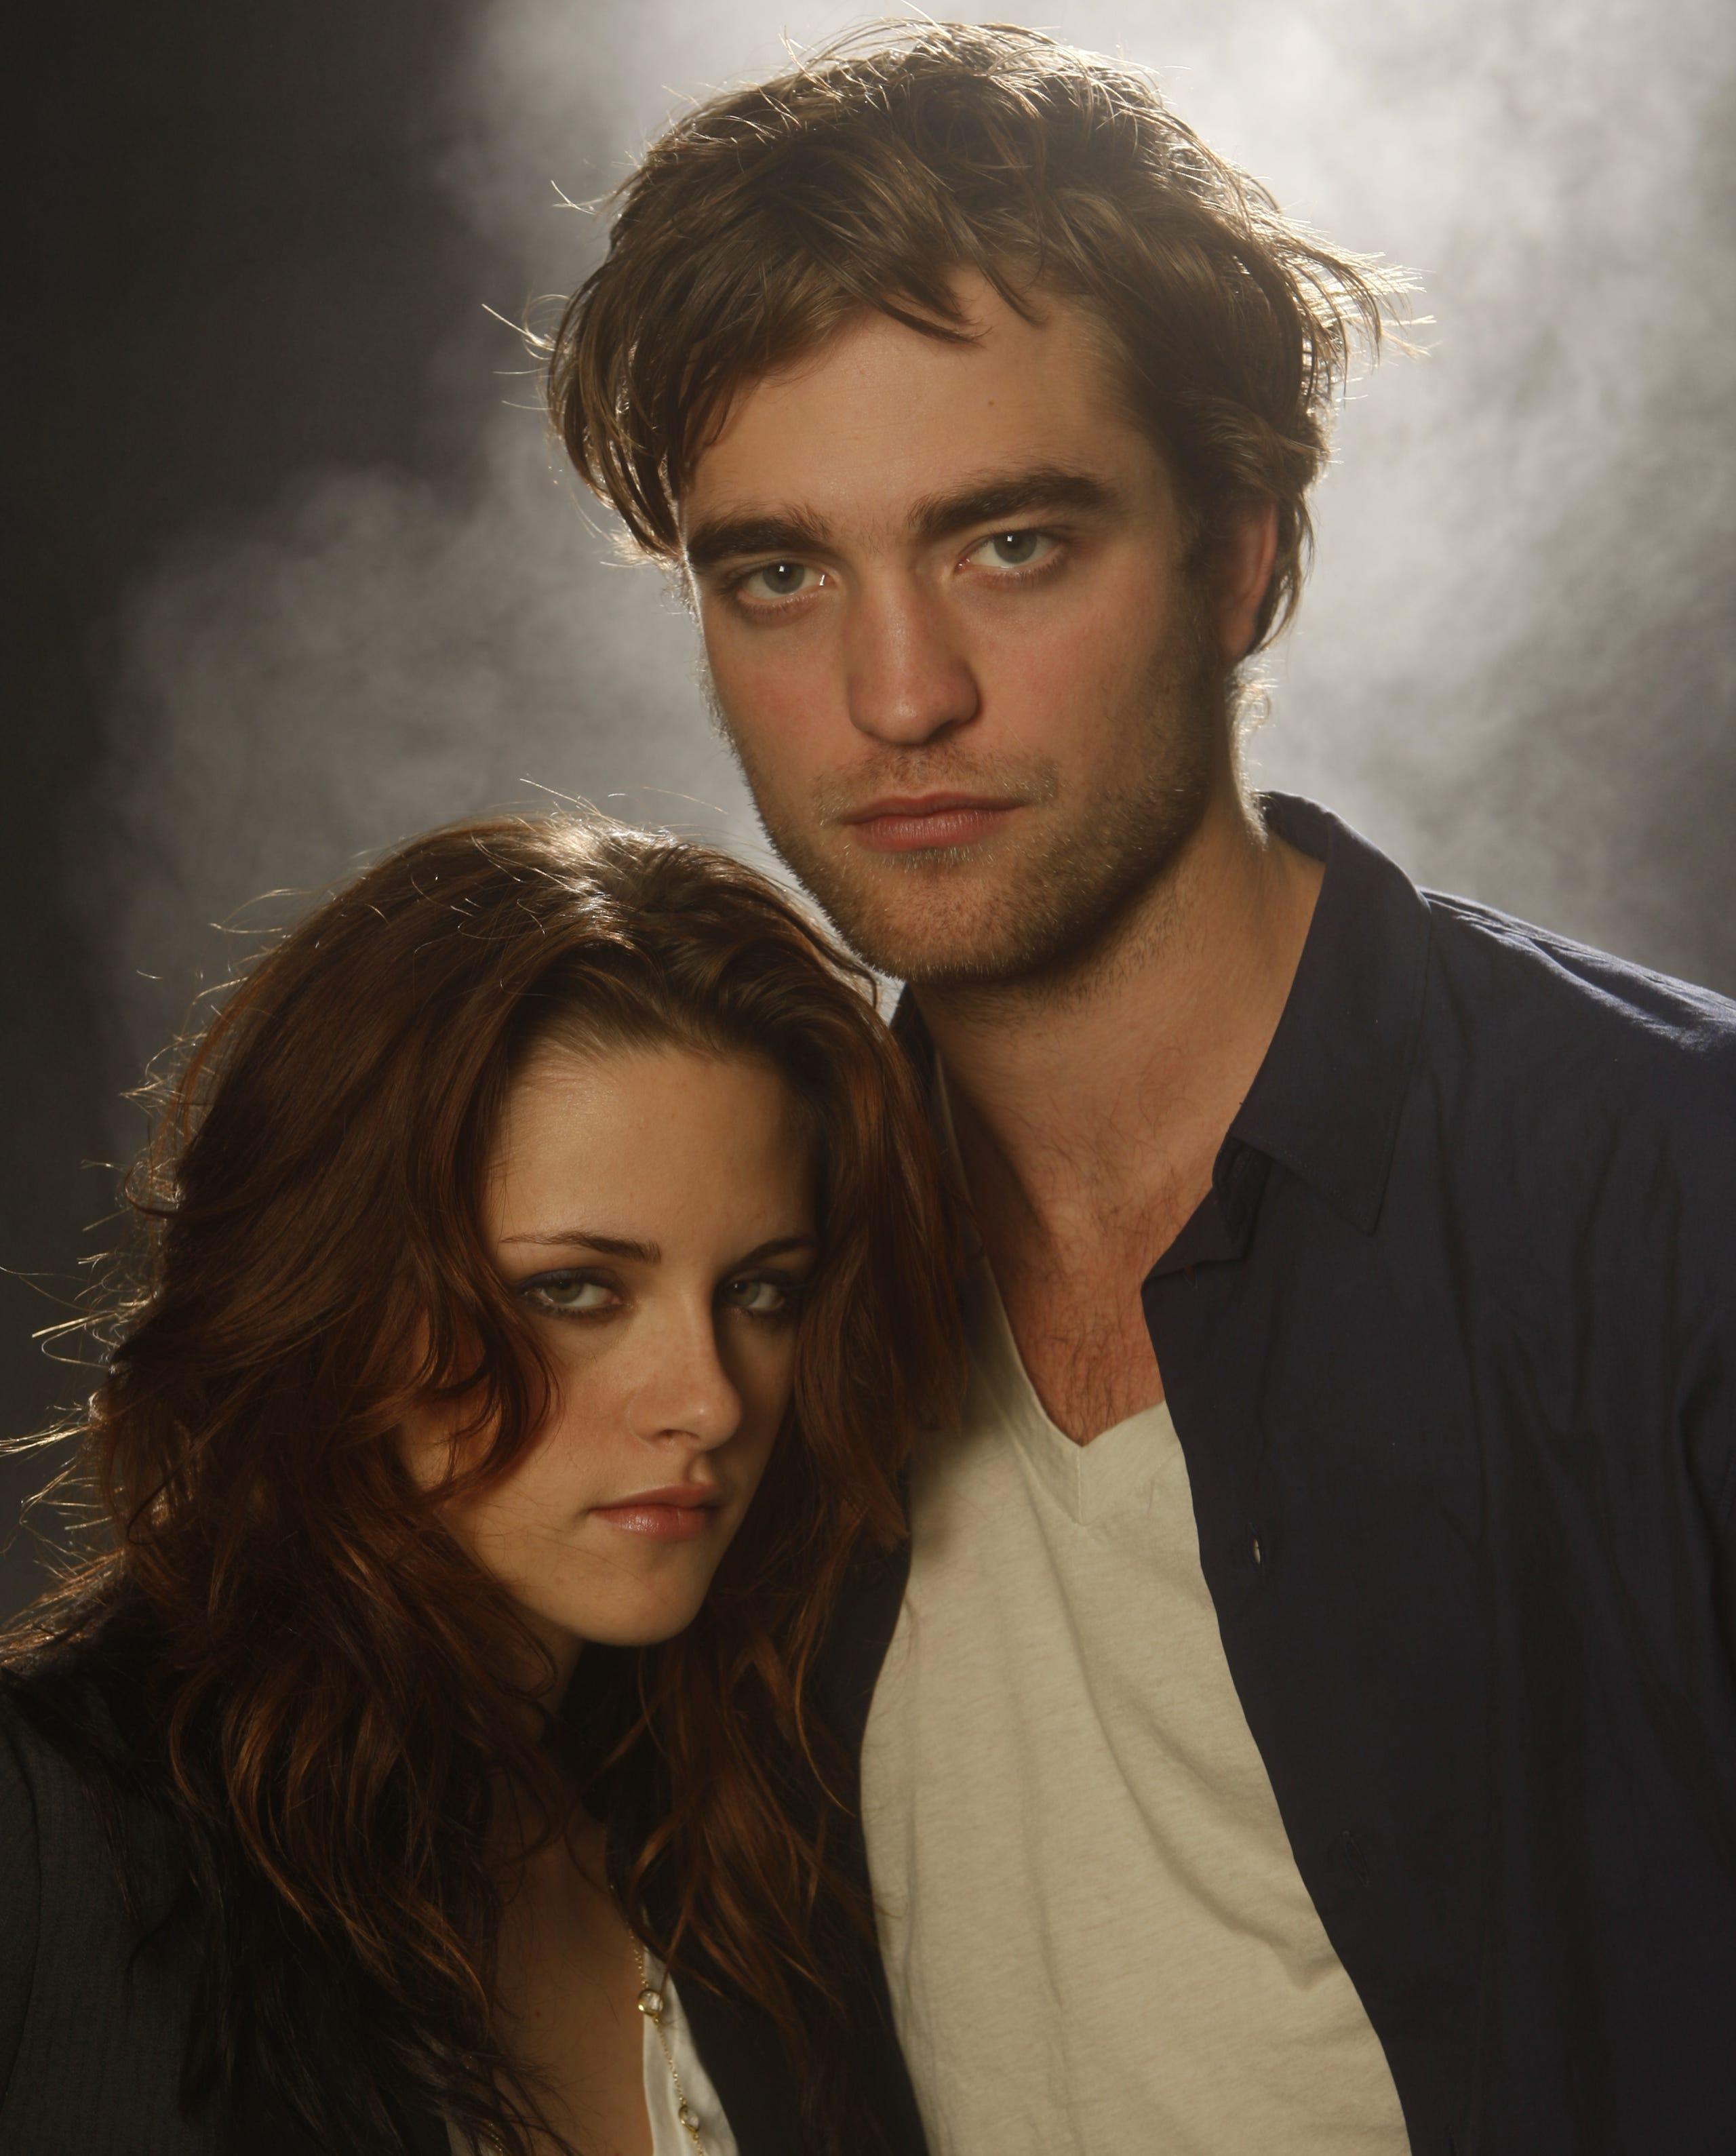 Kristen stewart robert pattinson on Robert Pattinson